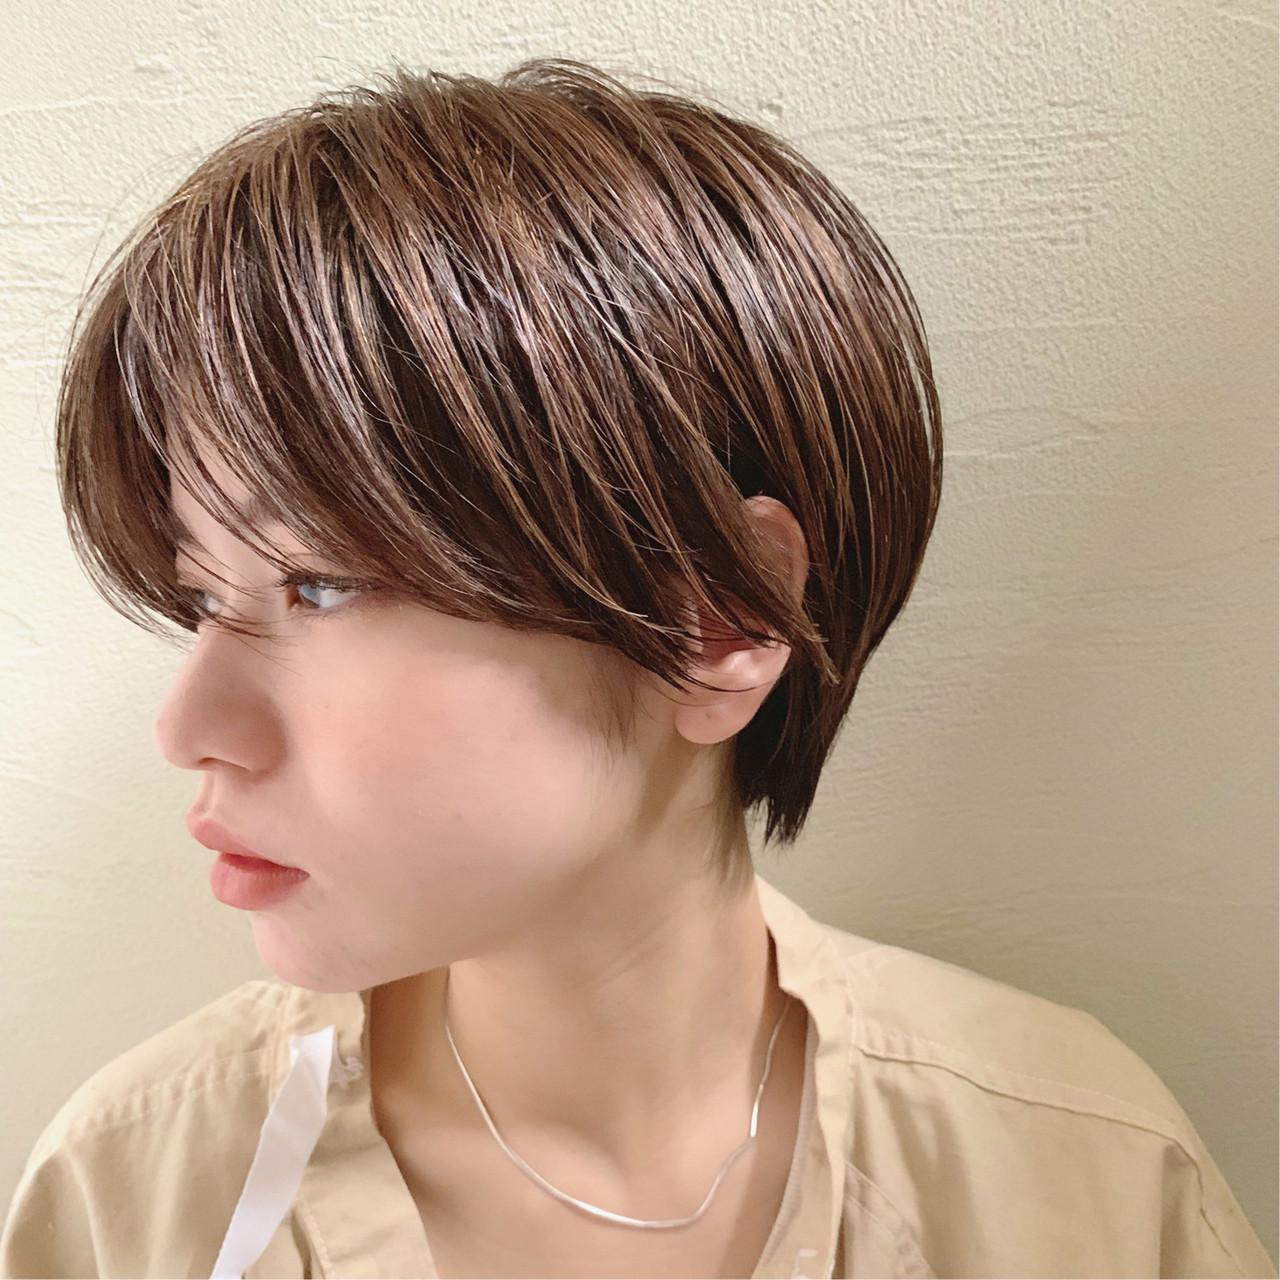 ゆるふわ 大人かわいい ストリート ハイトーン ヘアスタイルや髪型の写真・画像